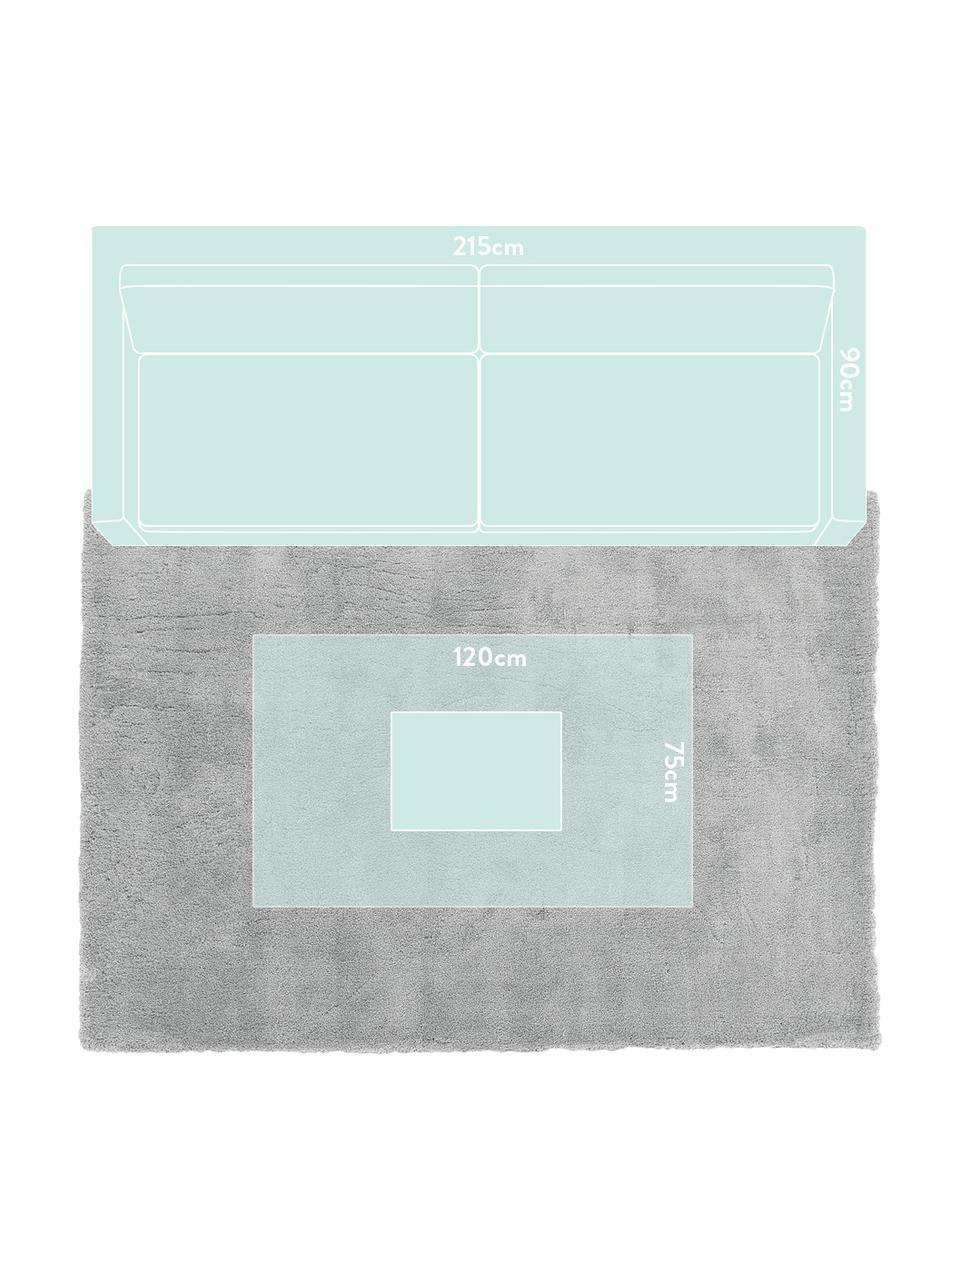 Tappeto peloso morbido grigio Leighton, Retro: 70% poliestere, 30% coton, Grigio, Larg. 80 x Lung. 150 cm (taglia XS)